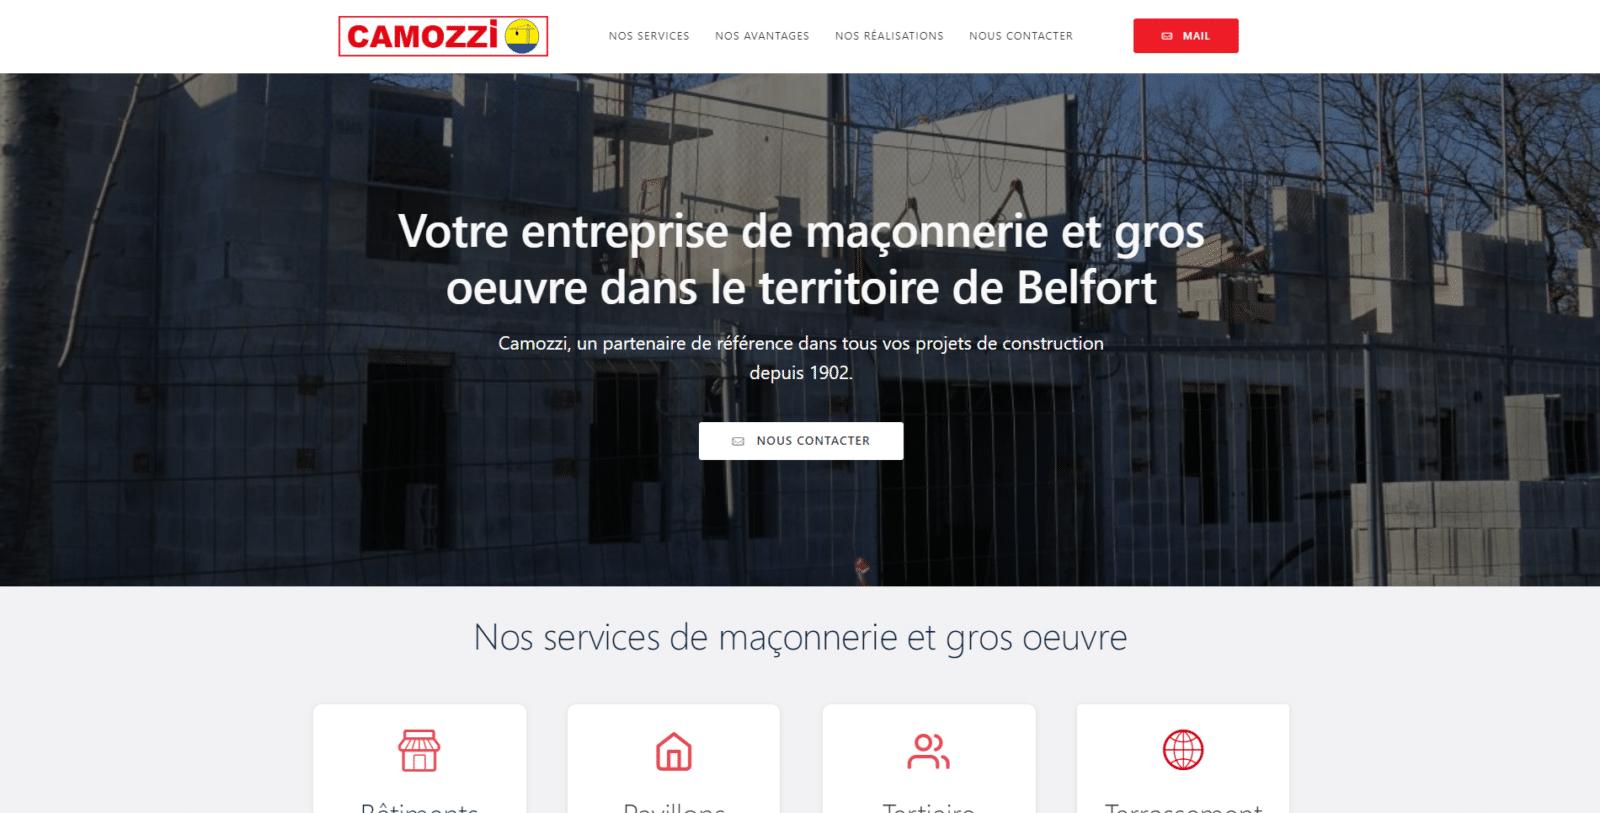 Camozzi est un client de l'agence web Karedess, agence web situé à Mulhouse